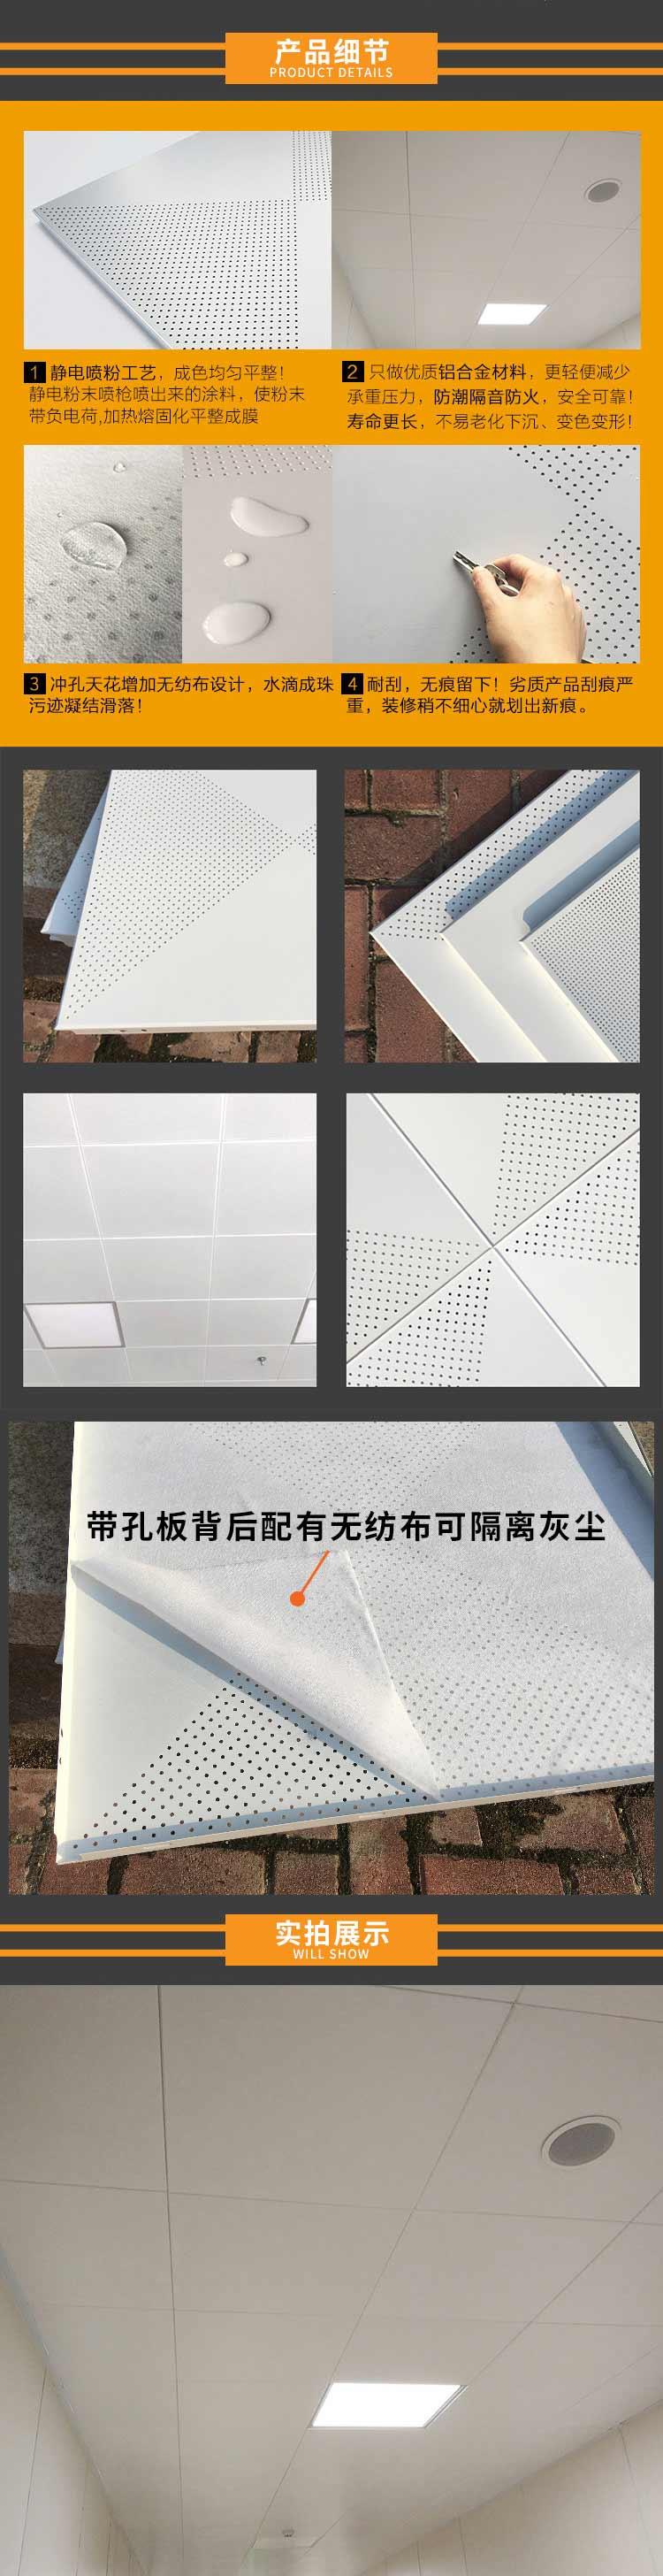 铝穿孔吸音板产品特点